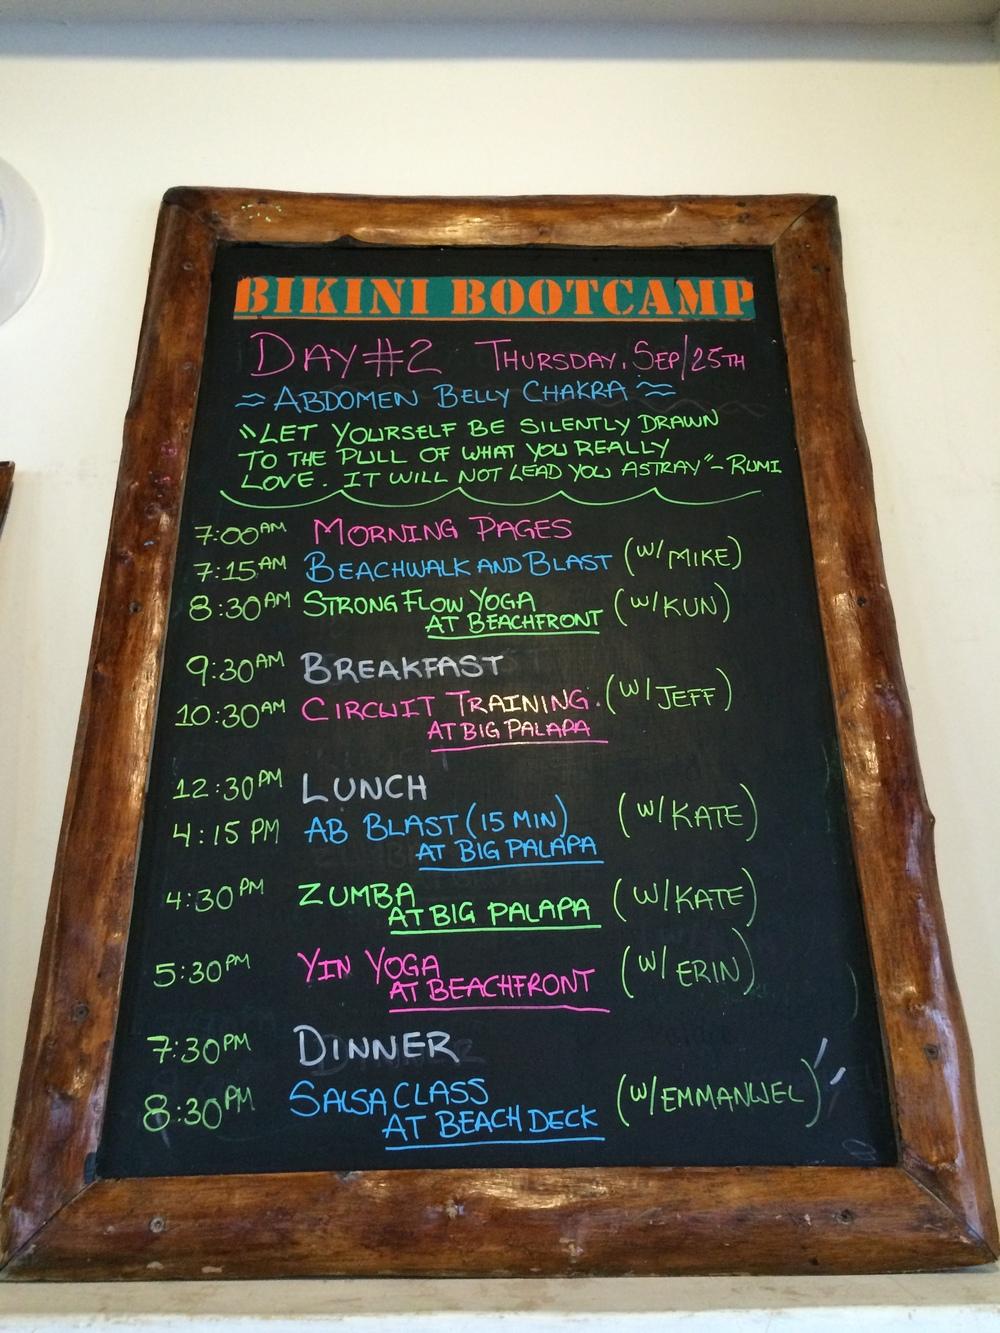 Daily fitness board at Amansala's Bikini Bootcamp